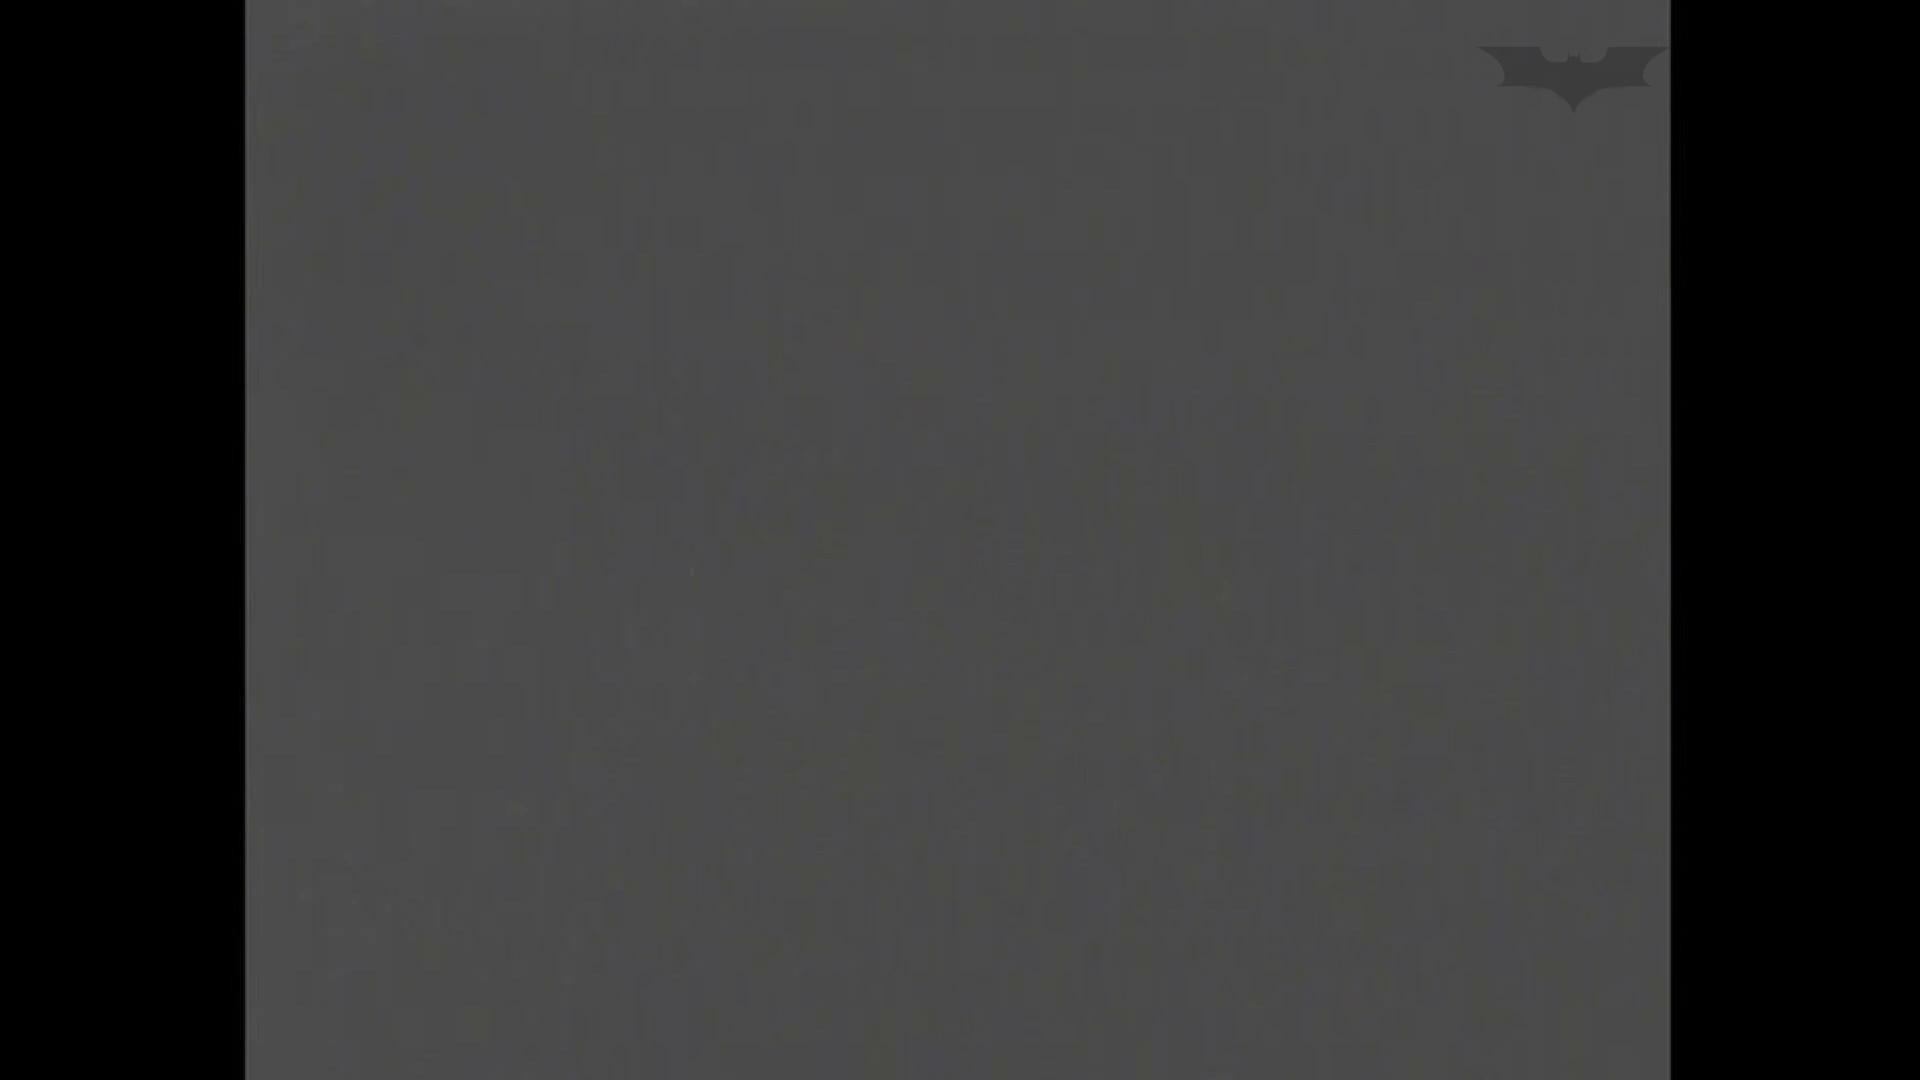 レース場での秘め事 Vol.03 ギャル達 ワレメ動画紹介 101枚 44